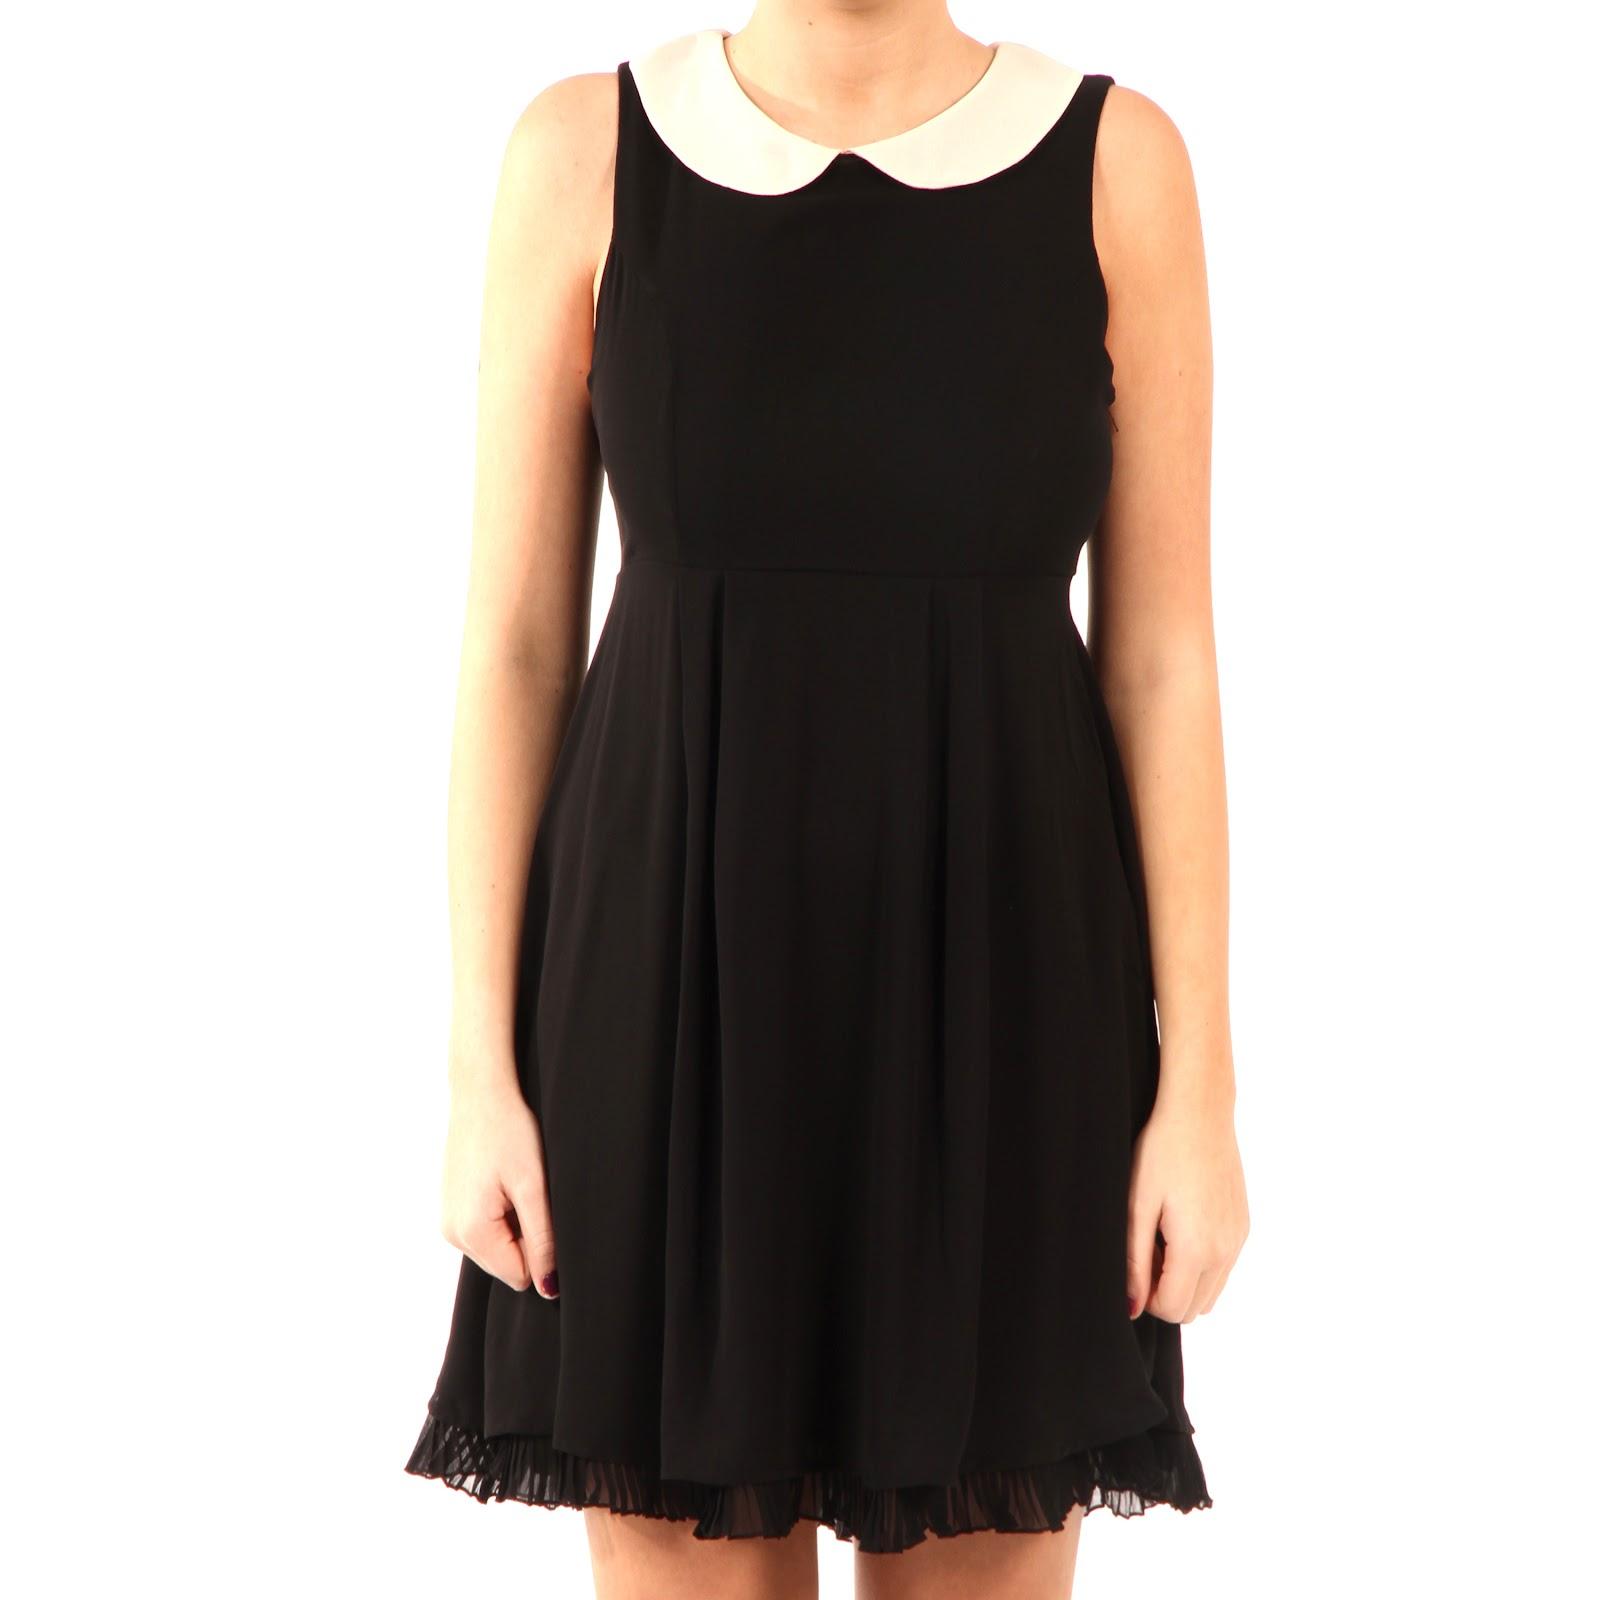 http://1.bp.blogspot.com/-t6XU_K3zkjg/T-uDnBwPP4I/AAAAAAAAAy8/kfgfWGMElEw/s1600/Vero+Moda+Moda+Alexa+Dress+%25C2%25A326.jpg